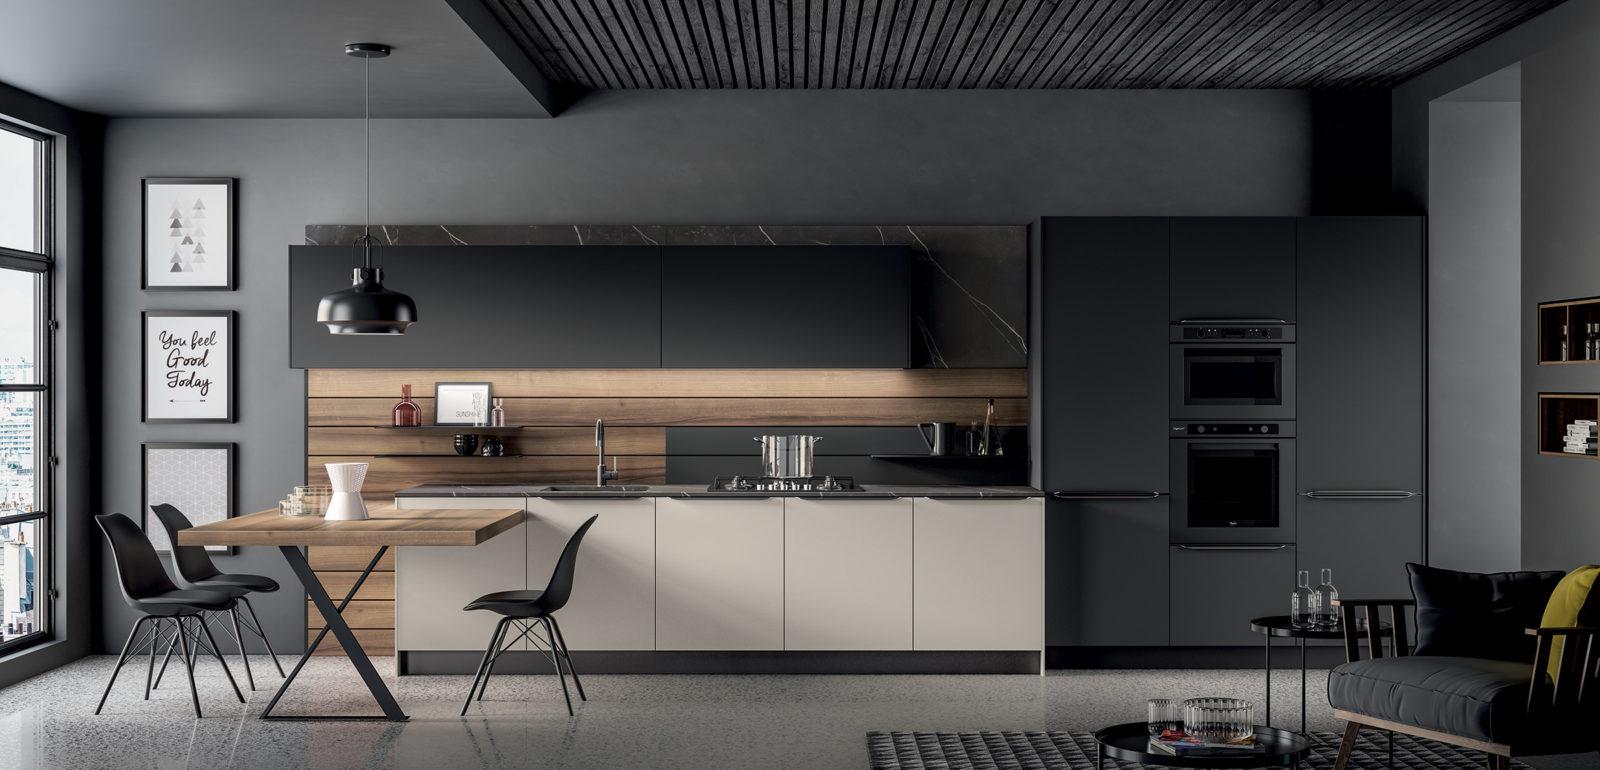 Arredamento moderno e classico a Treviso | Abita Arreda